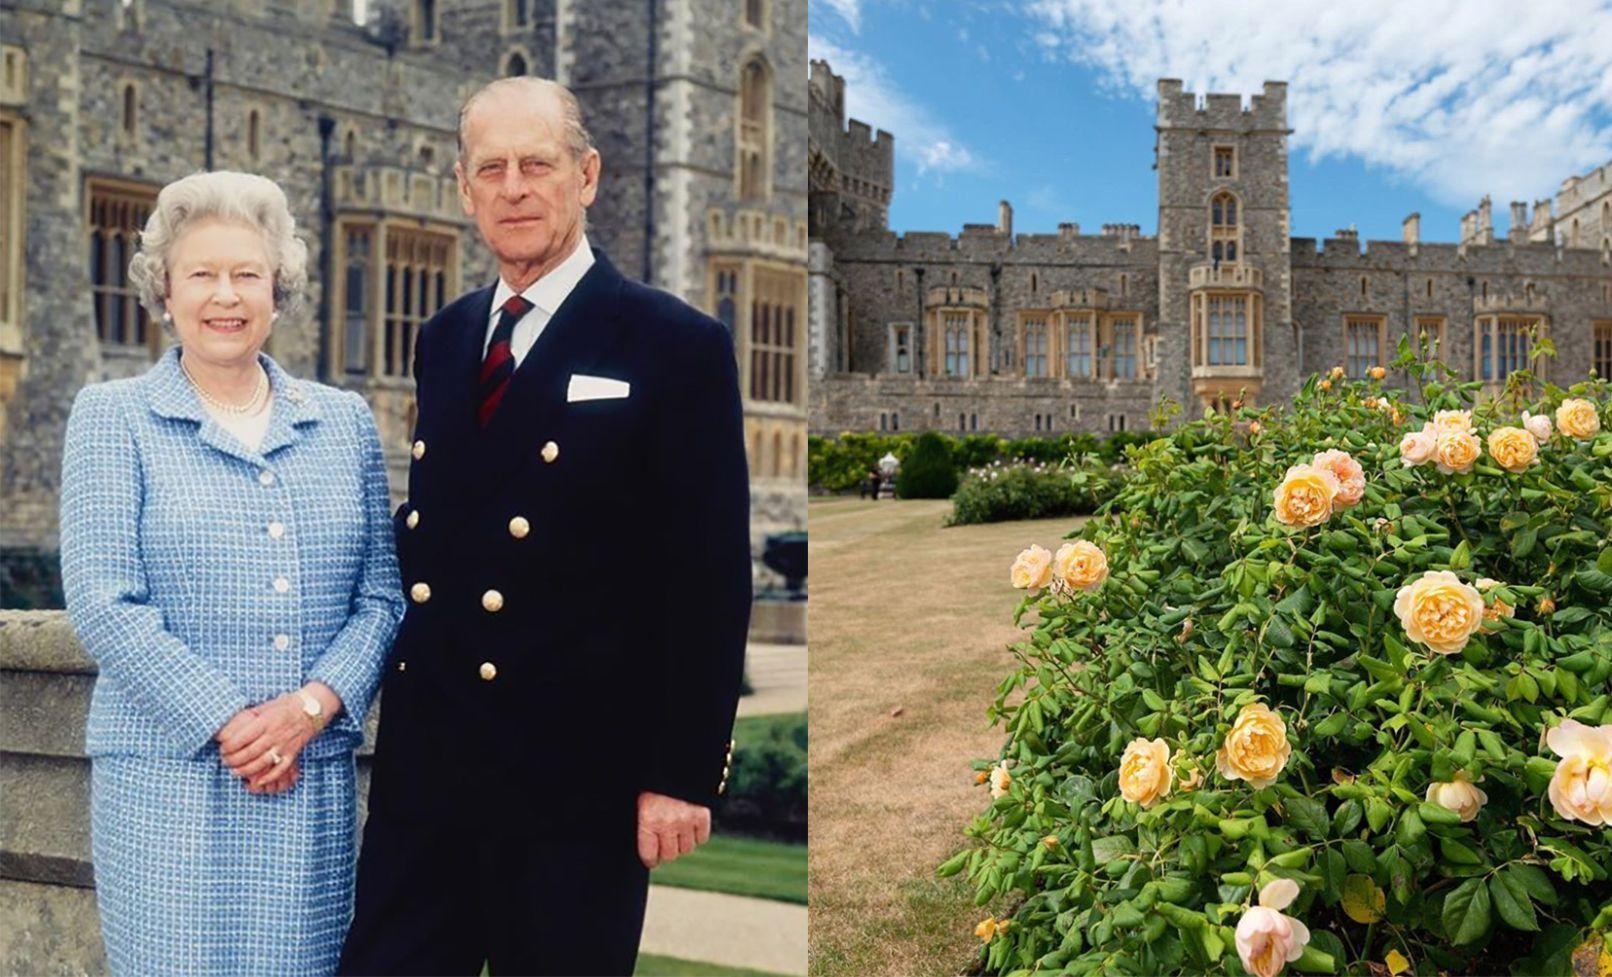 絕美英國皇室花園 40年來首度開放!不僅是英國女王的秘密花園  菲利普親王更親自設計園藝造景